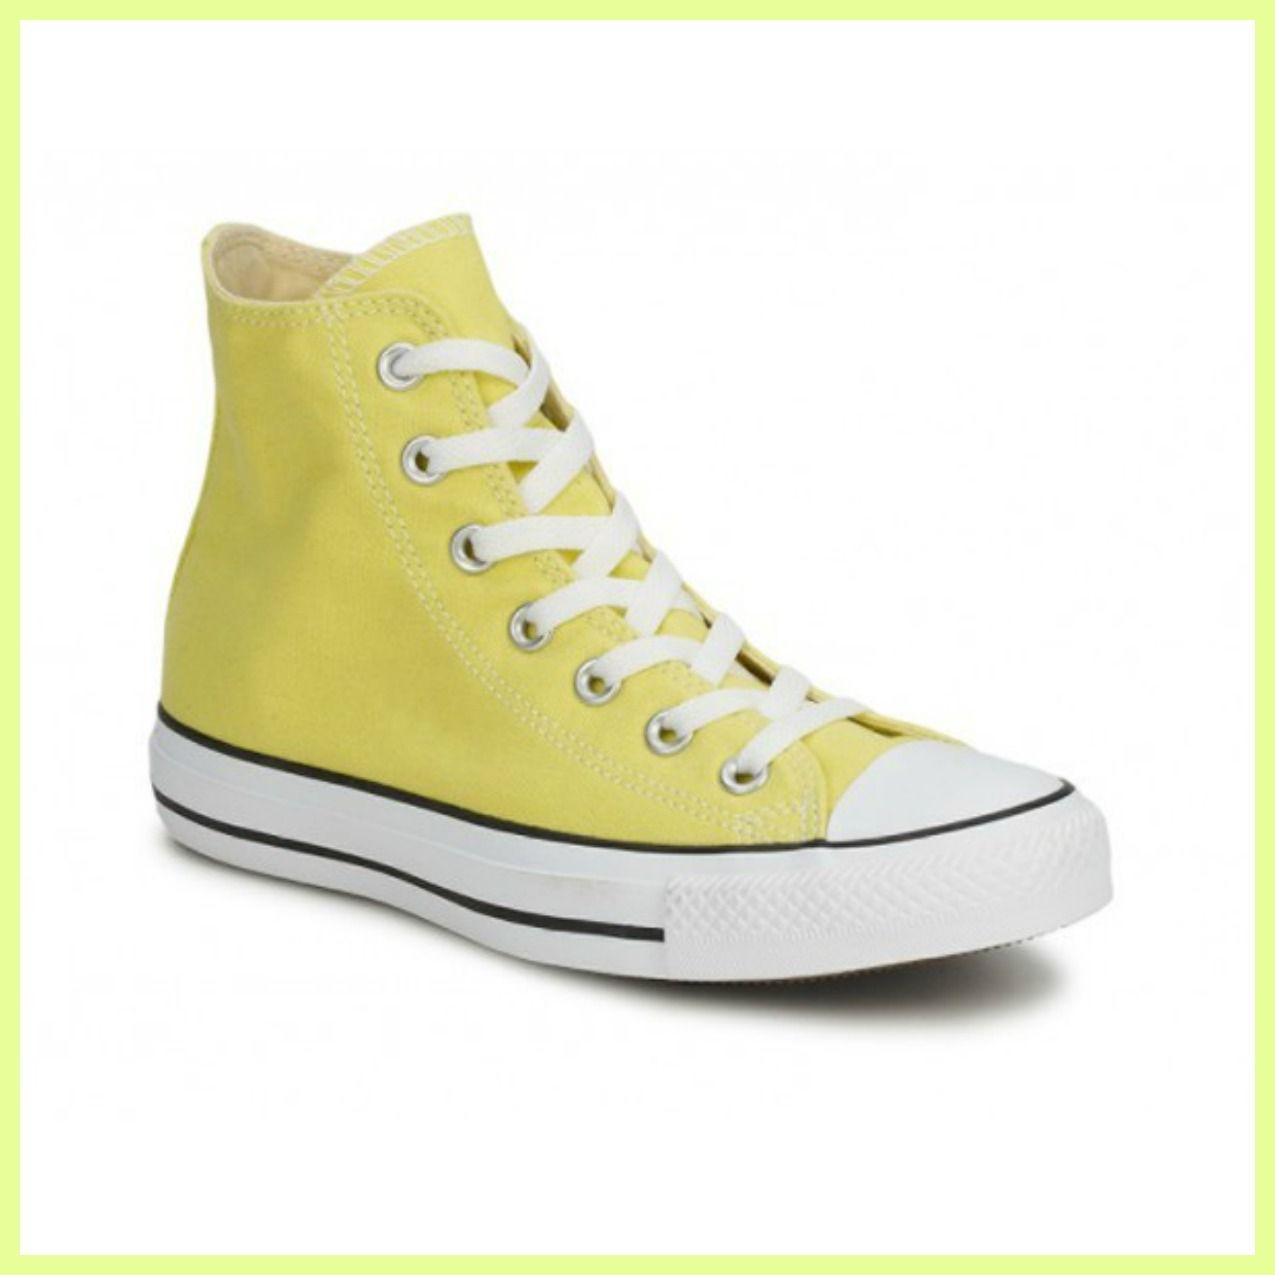 converse alte gialle